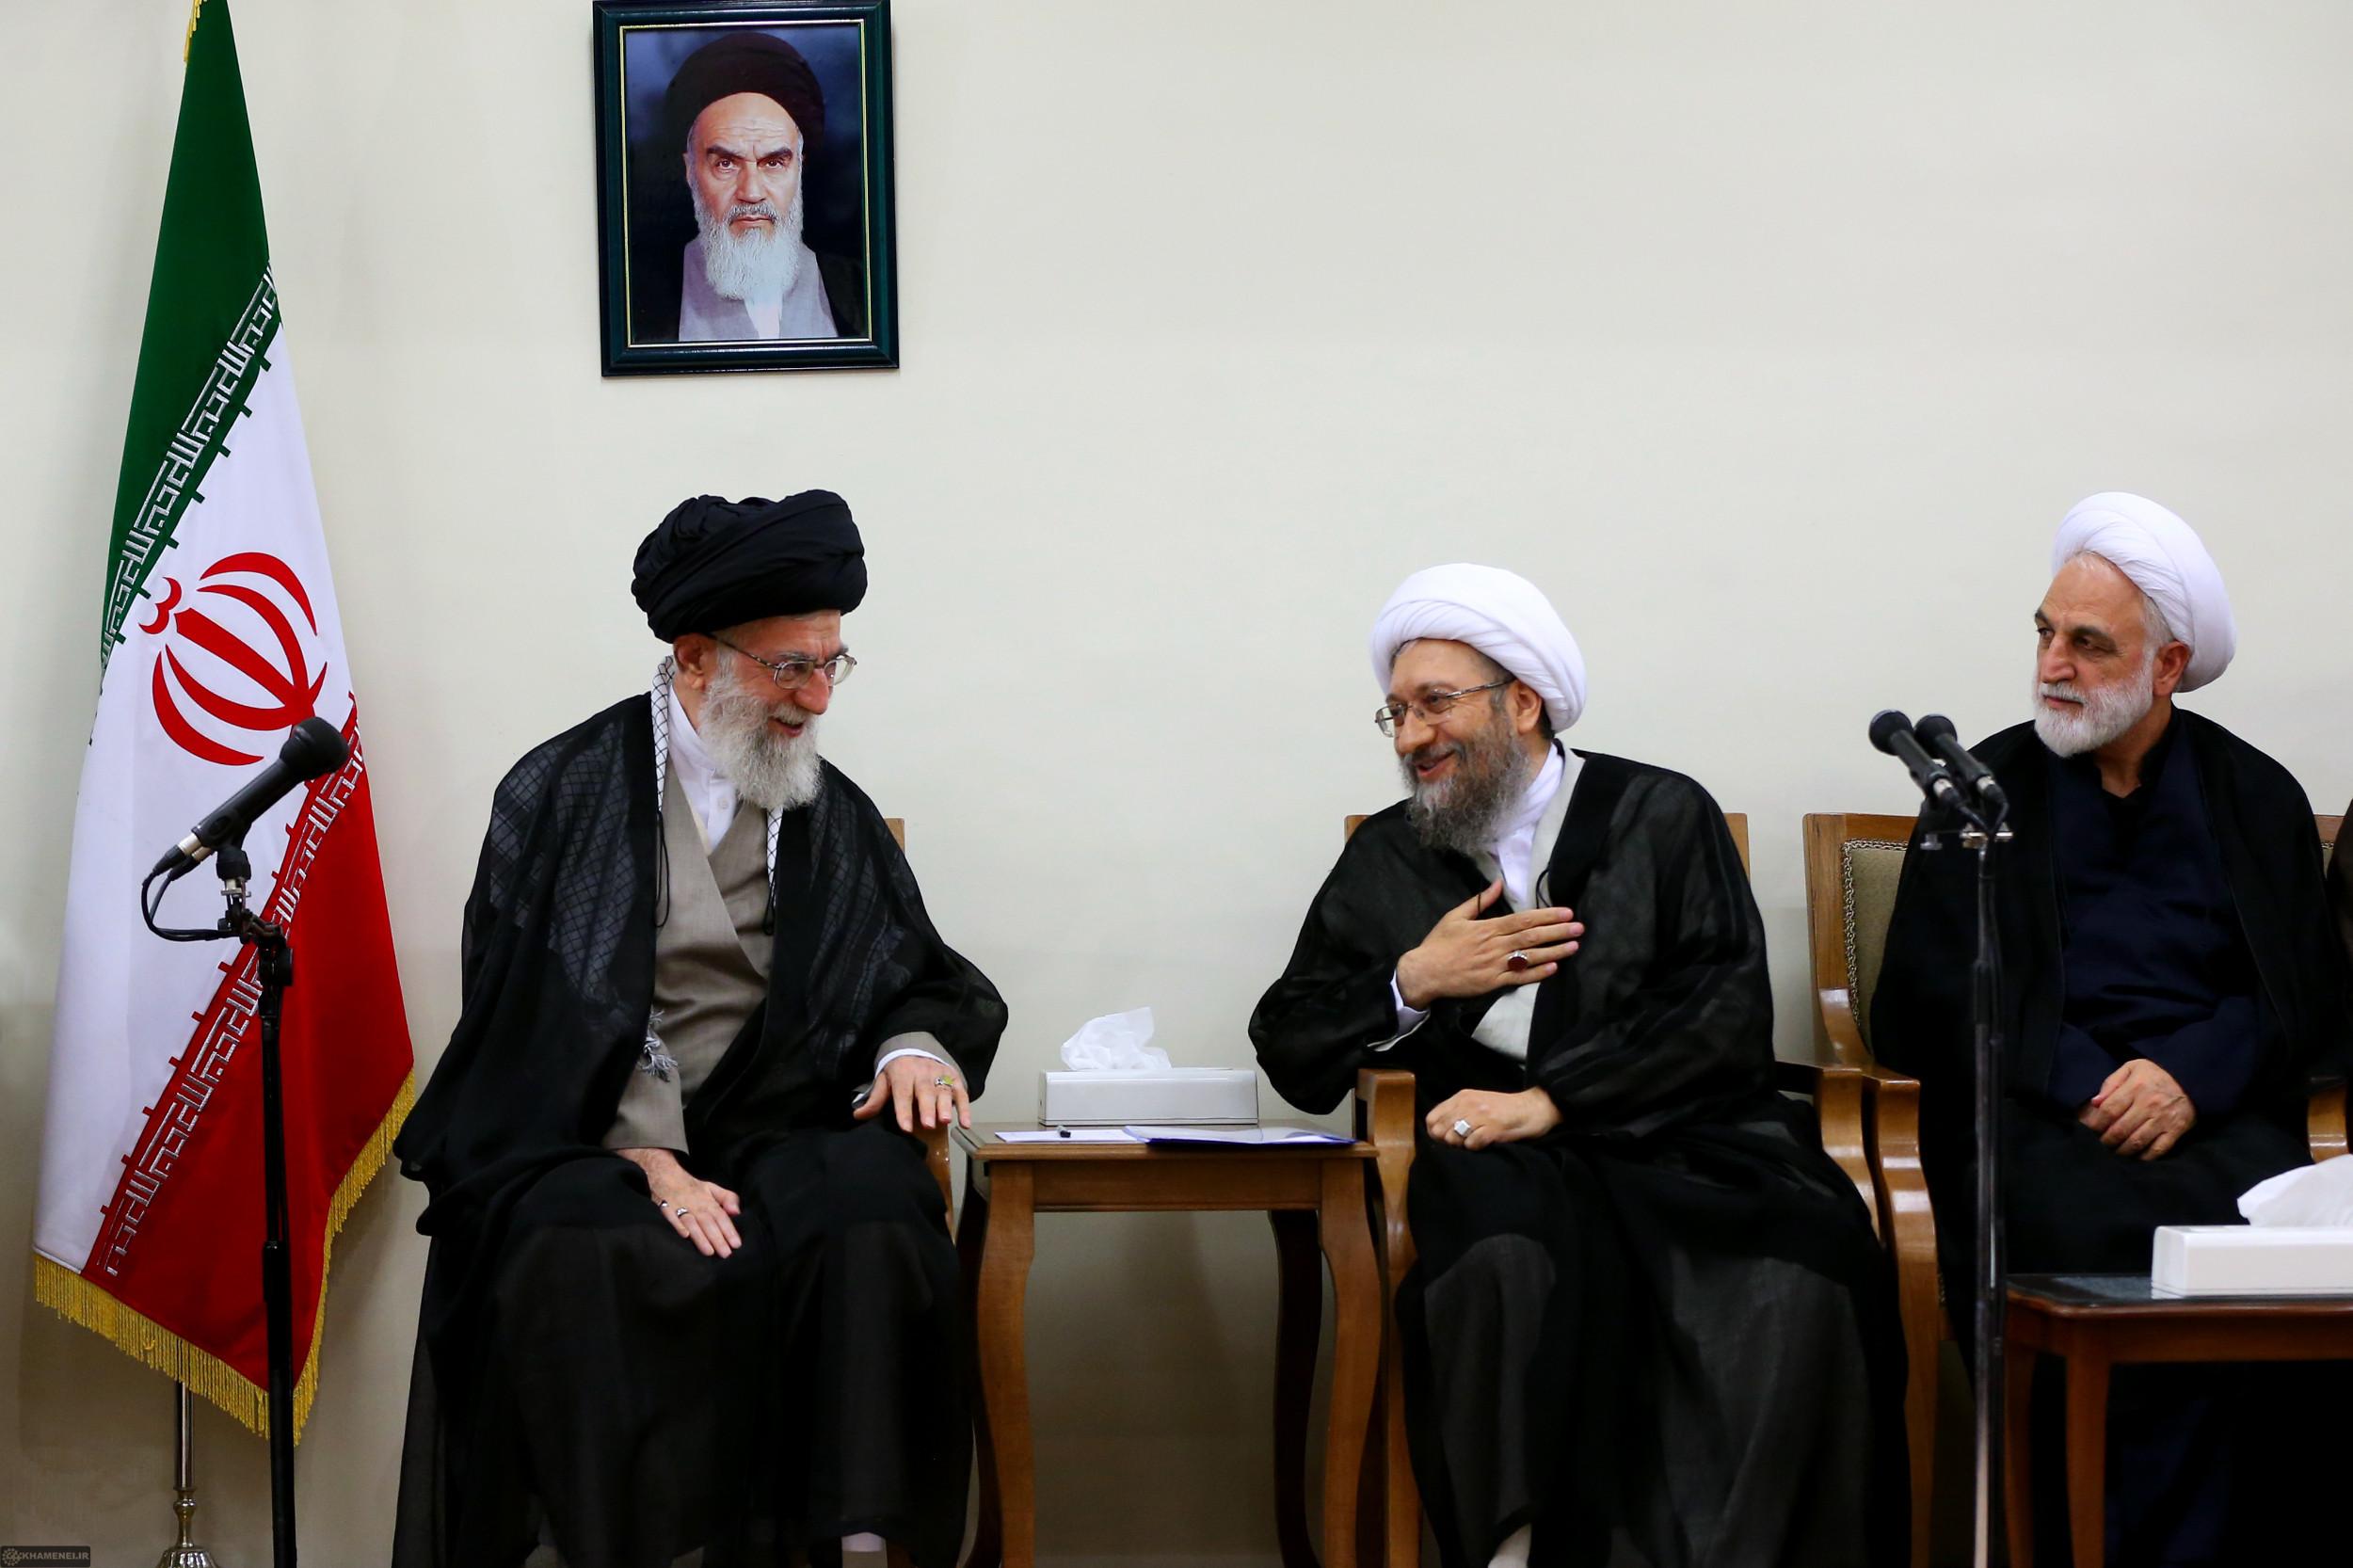 سلامت قوه قضاییه را در درجه اول اهمیت قرار دهید/تضییع حقوق ملت ایران به واسطه تحریم ها باید پیگیری قضایی شود